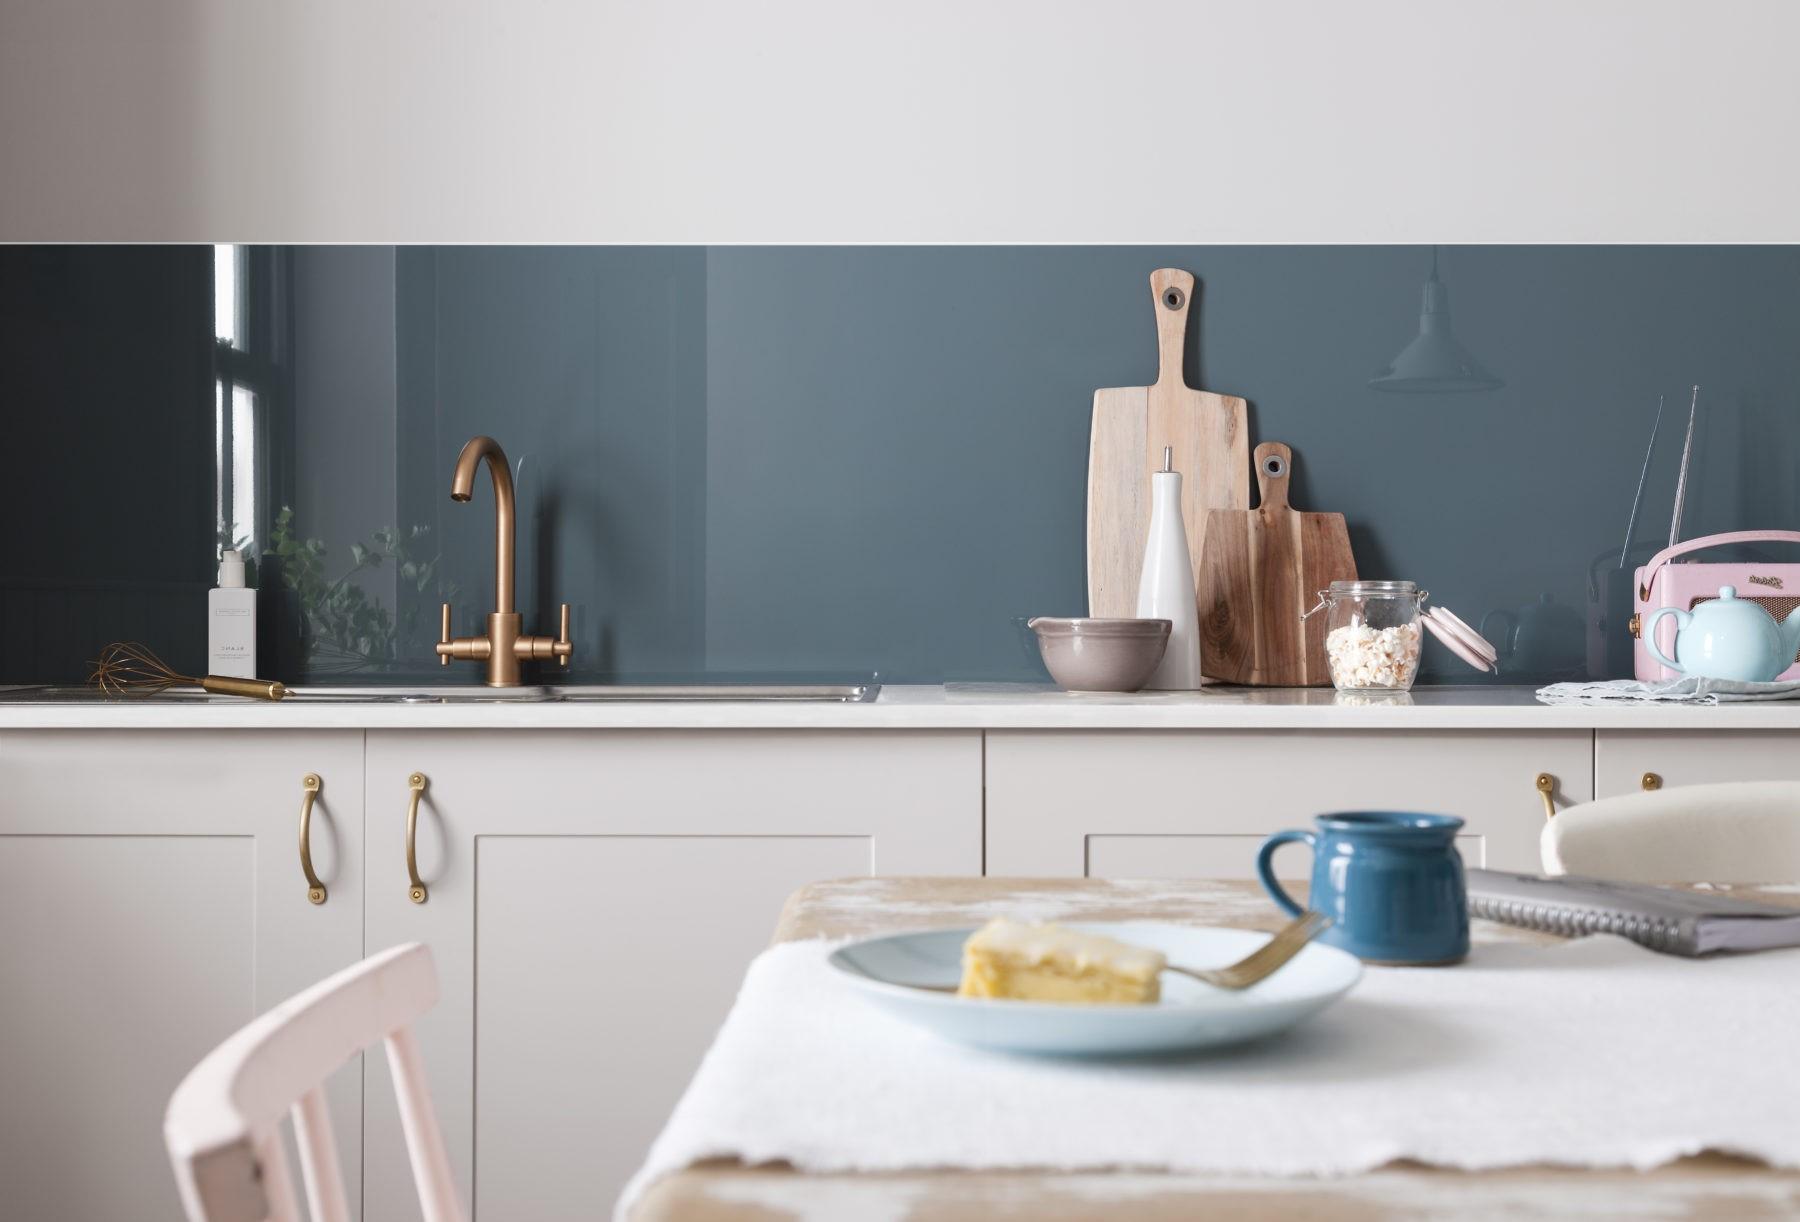 Les tendances actuelles dans les cuisines sont représentées par les teintes très sombres comme le bleu canard.